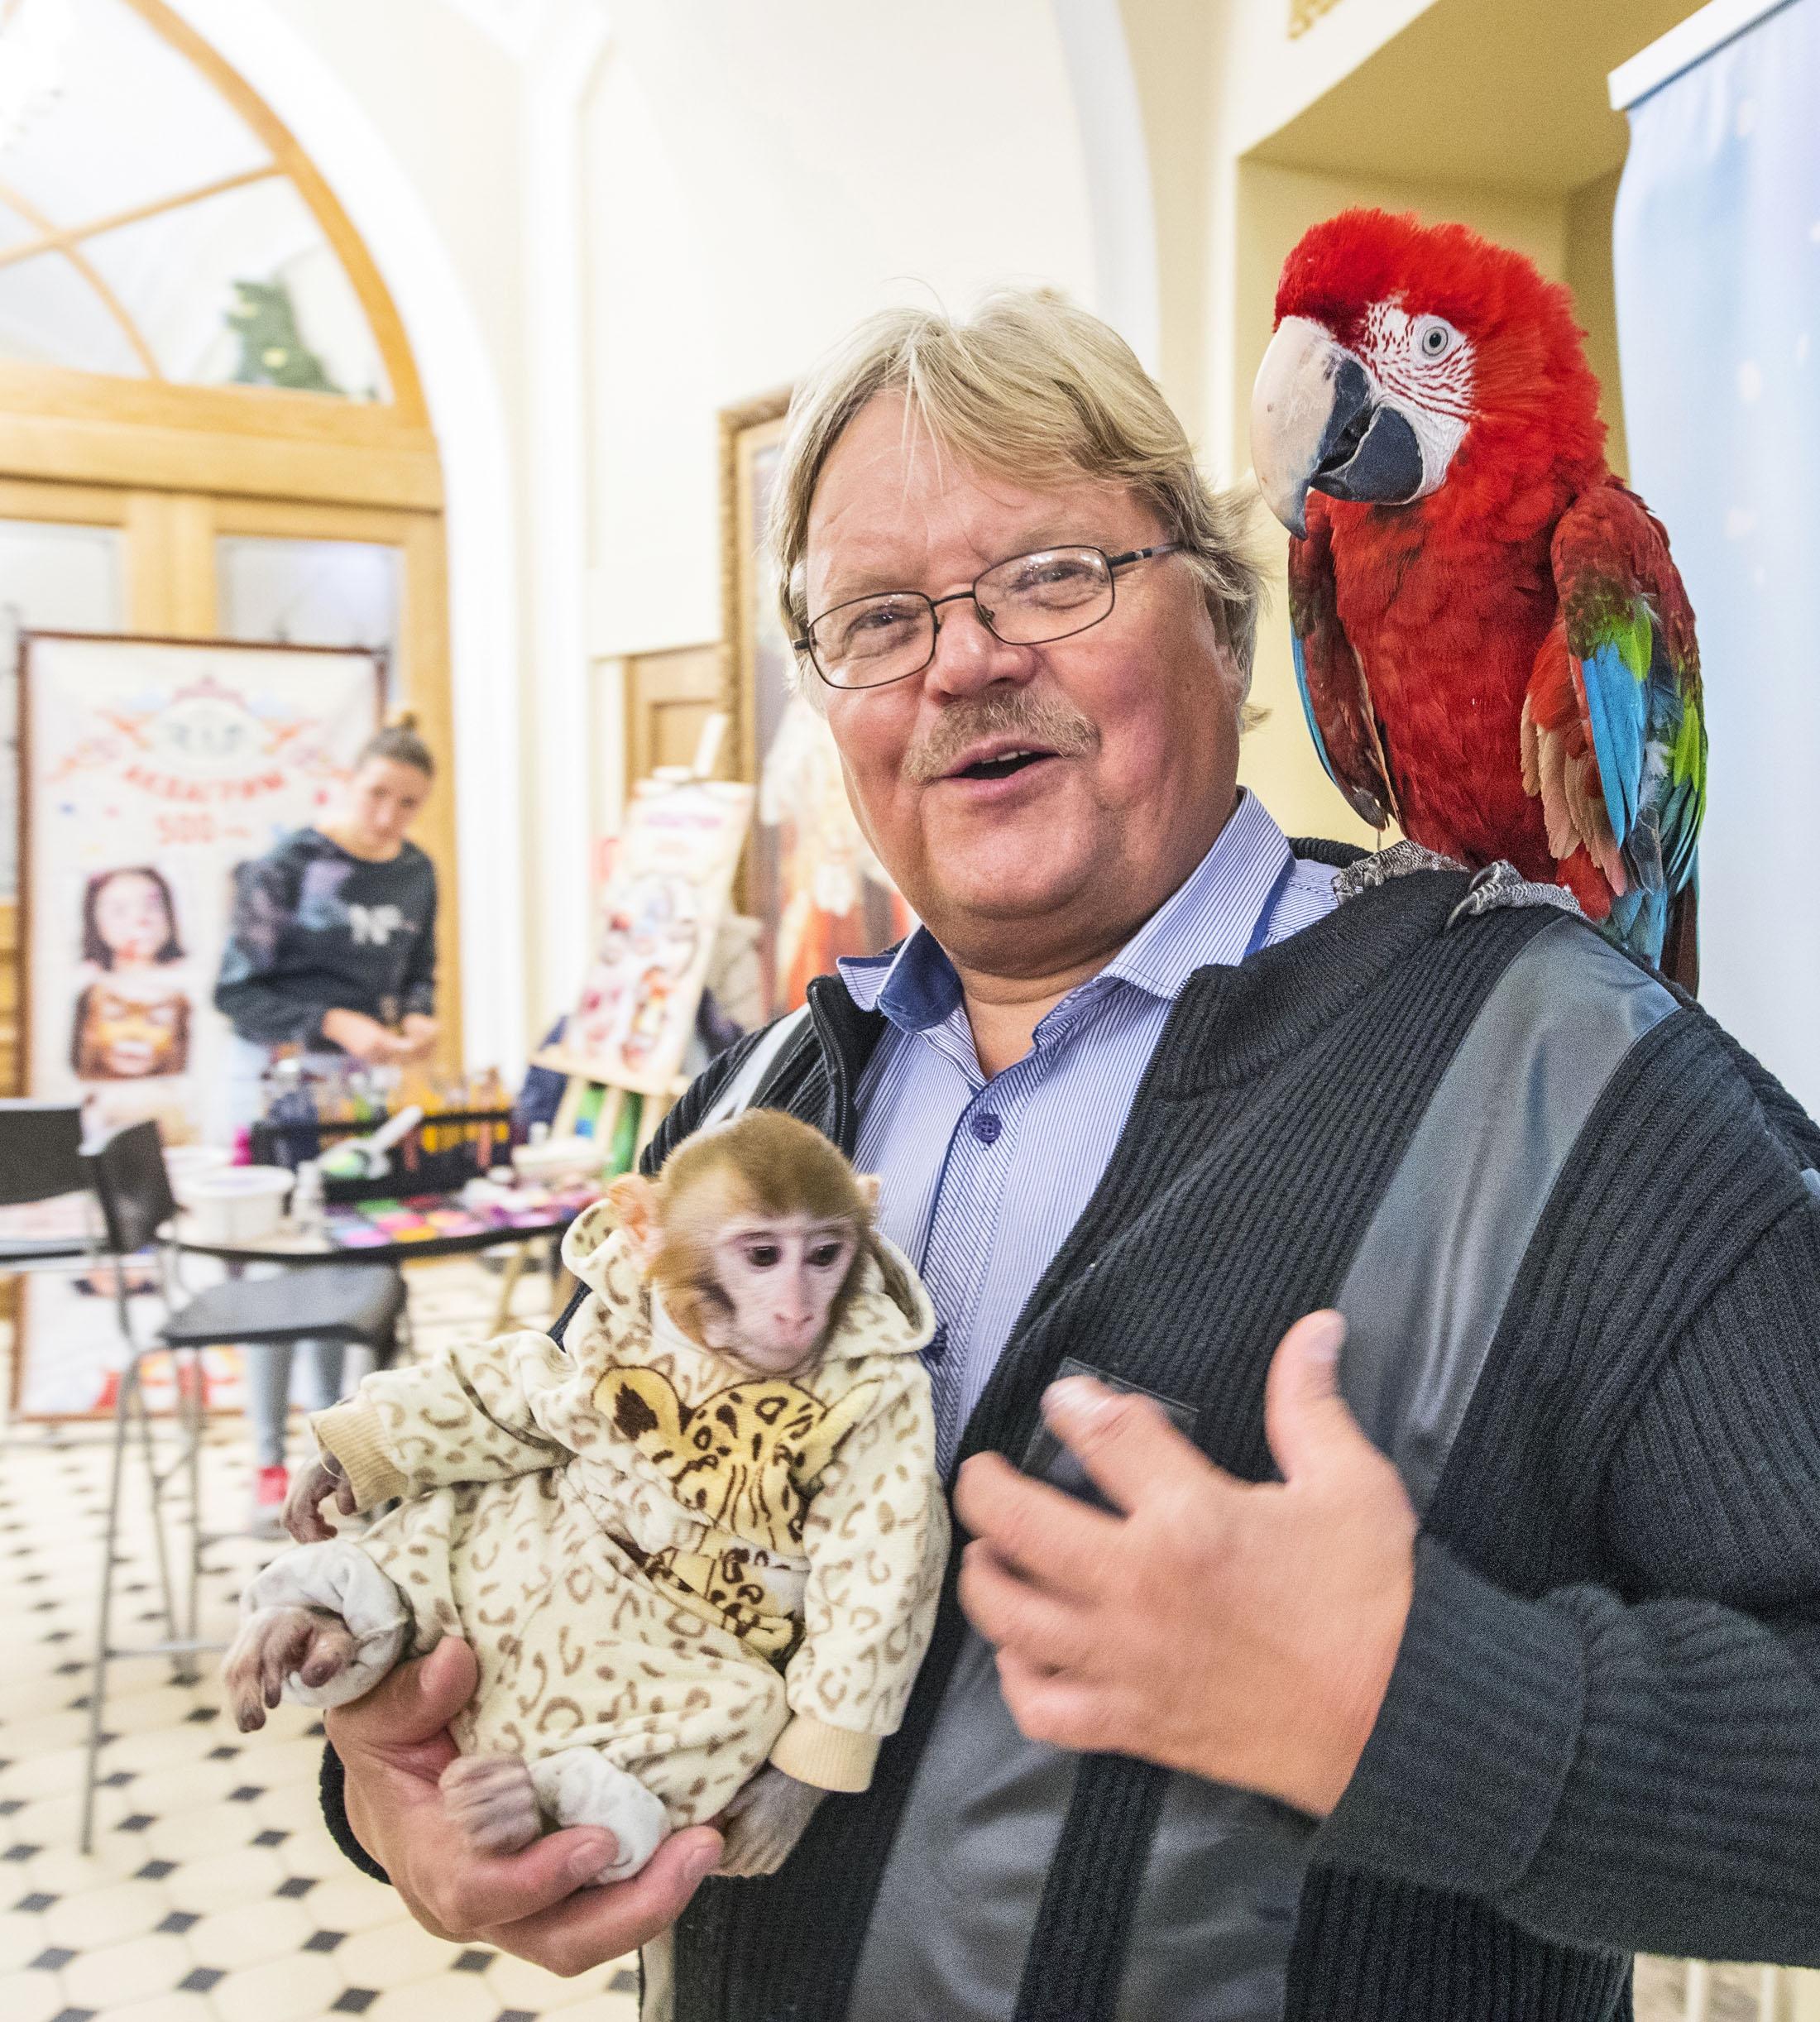 Pietarin sirkuksen aulassa Eero Moilanen ryhtyi kansainväliseksi valokuvamalliksi.